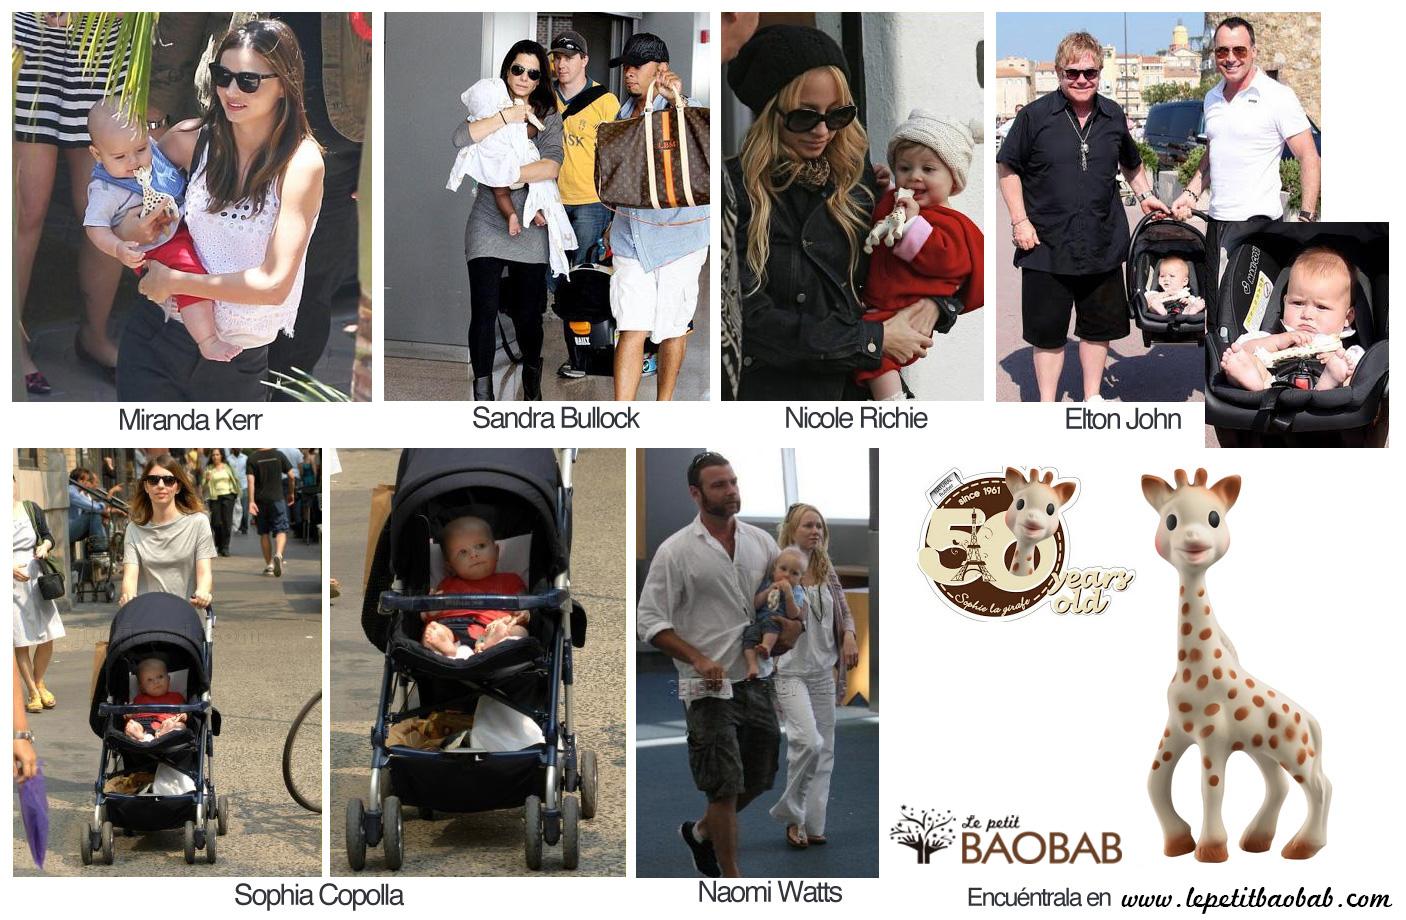 Sophie la Jirafa celebrities